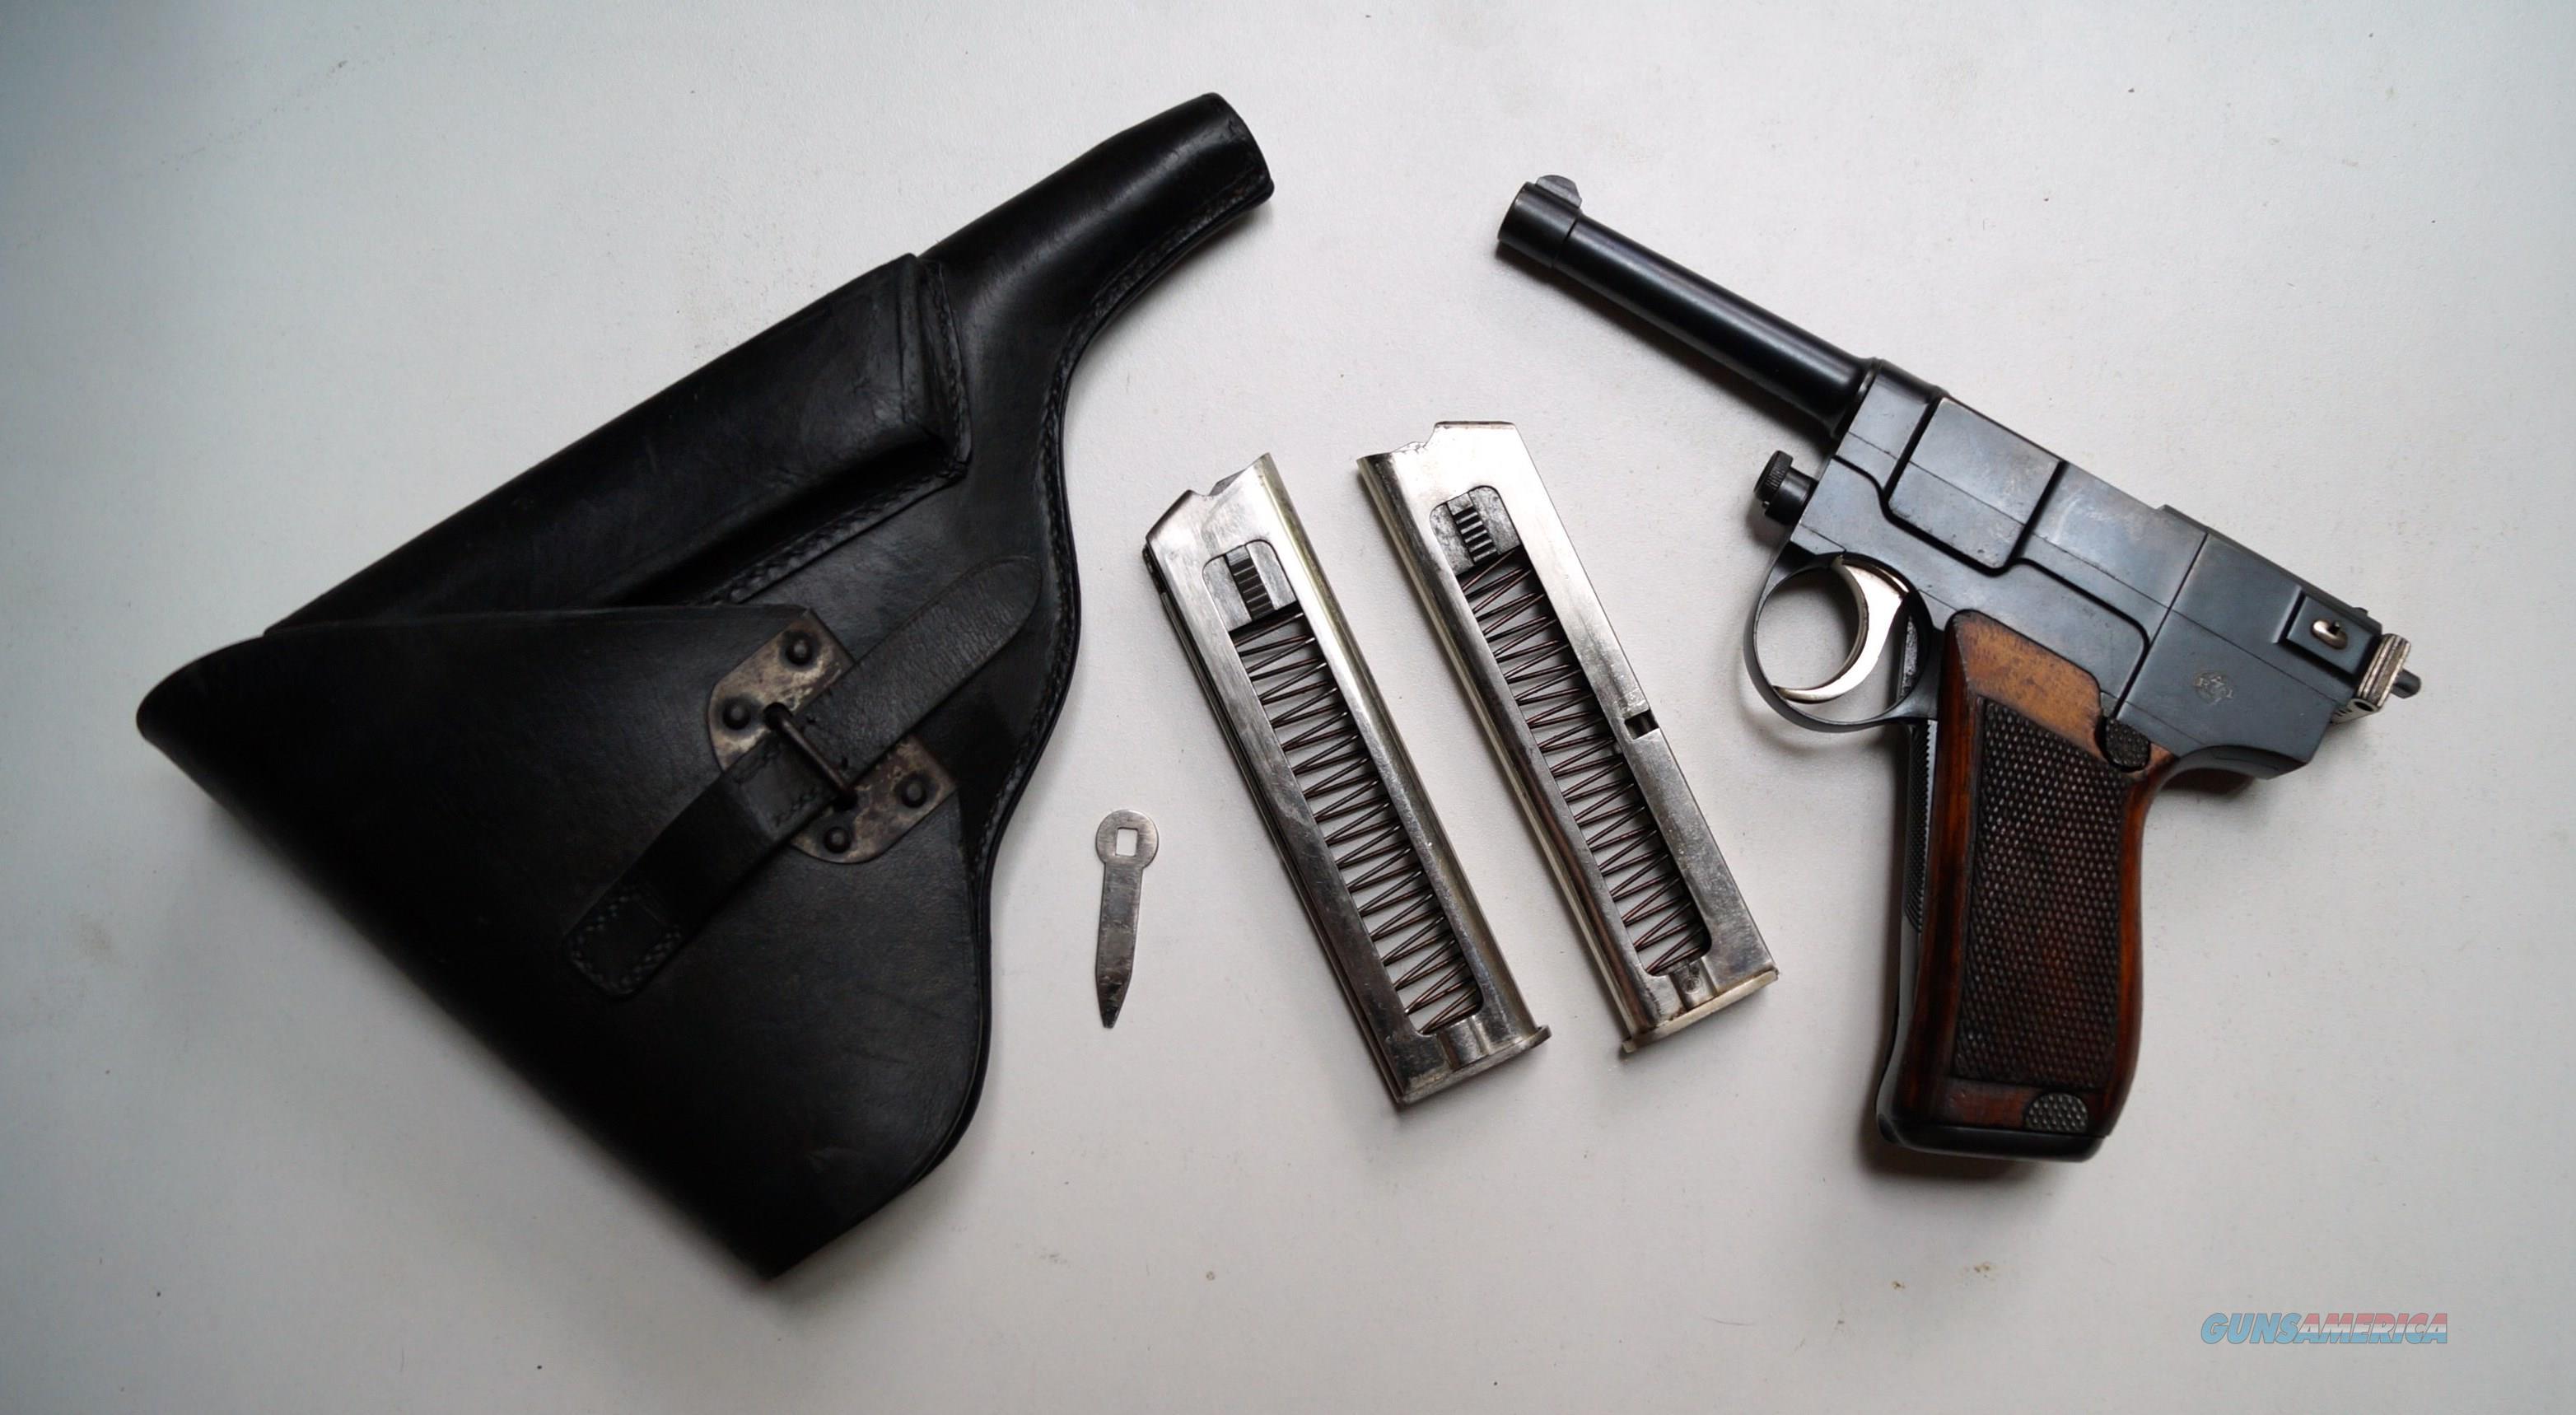 GLISENTI MODEL 1910 RIG - VERY RARE - NAVY PROOFED  Guns > Pistols > Beretta Pistols > Rare & Collectible